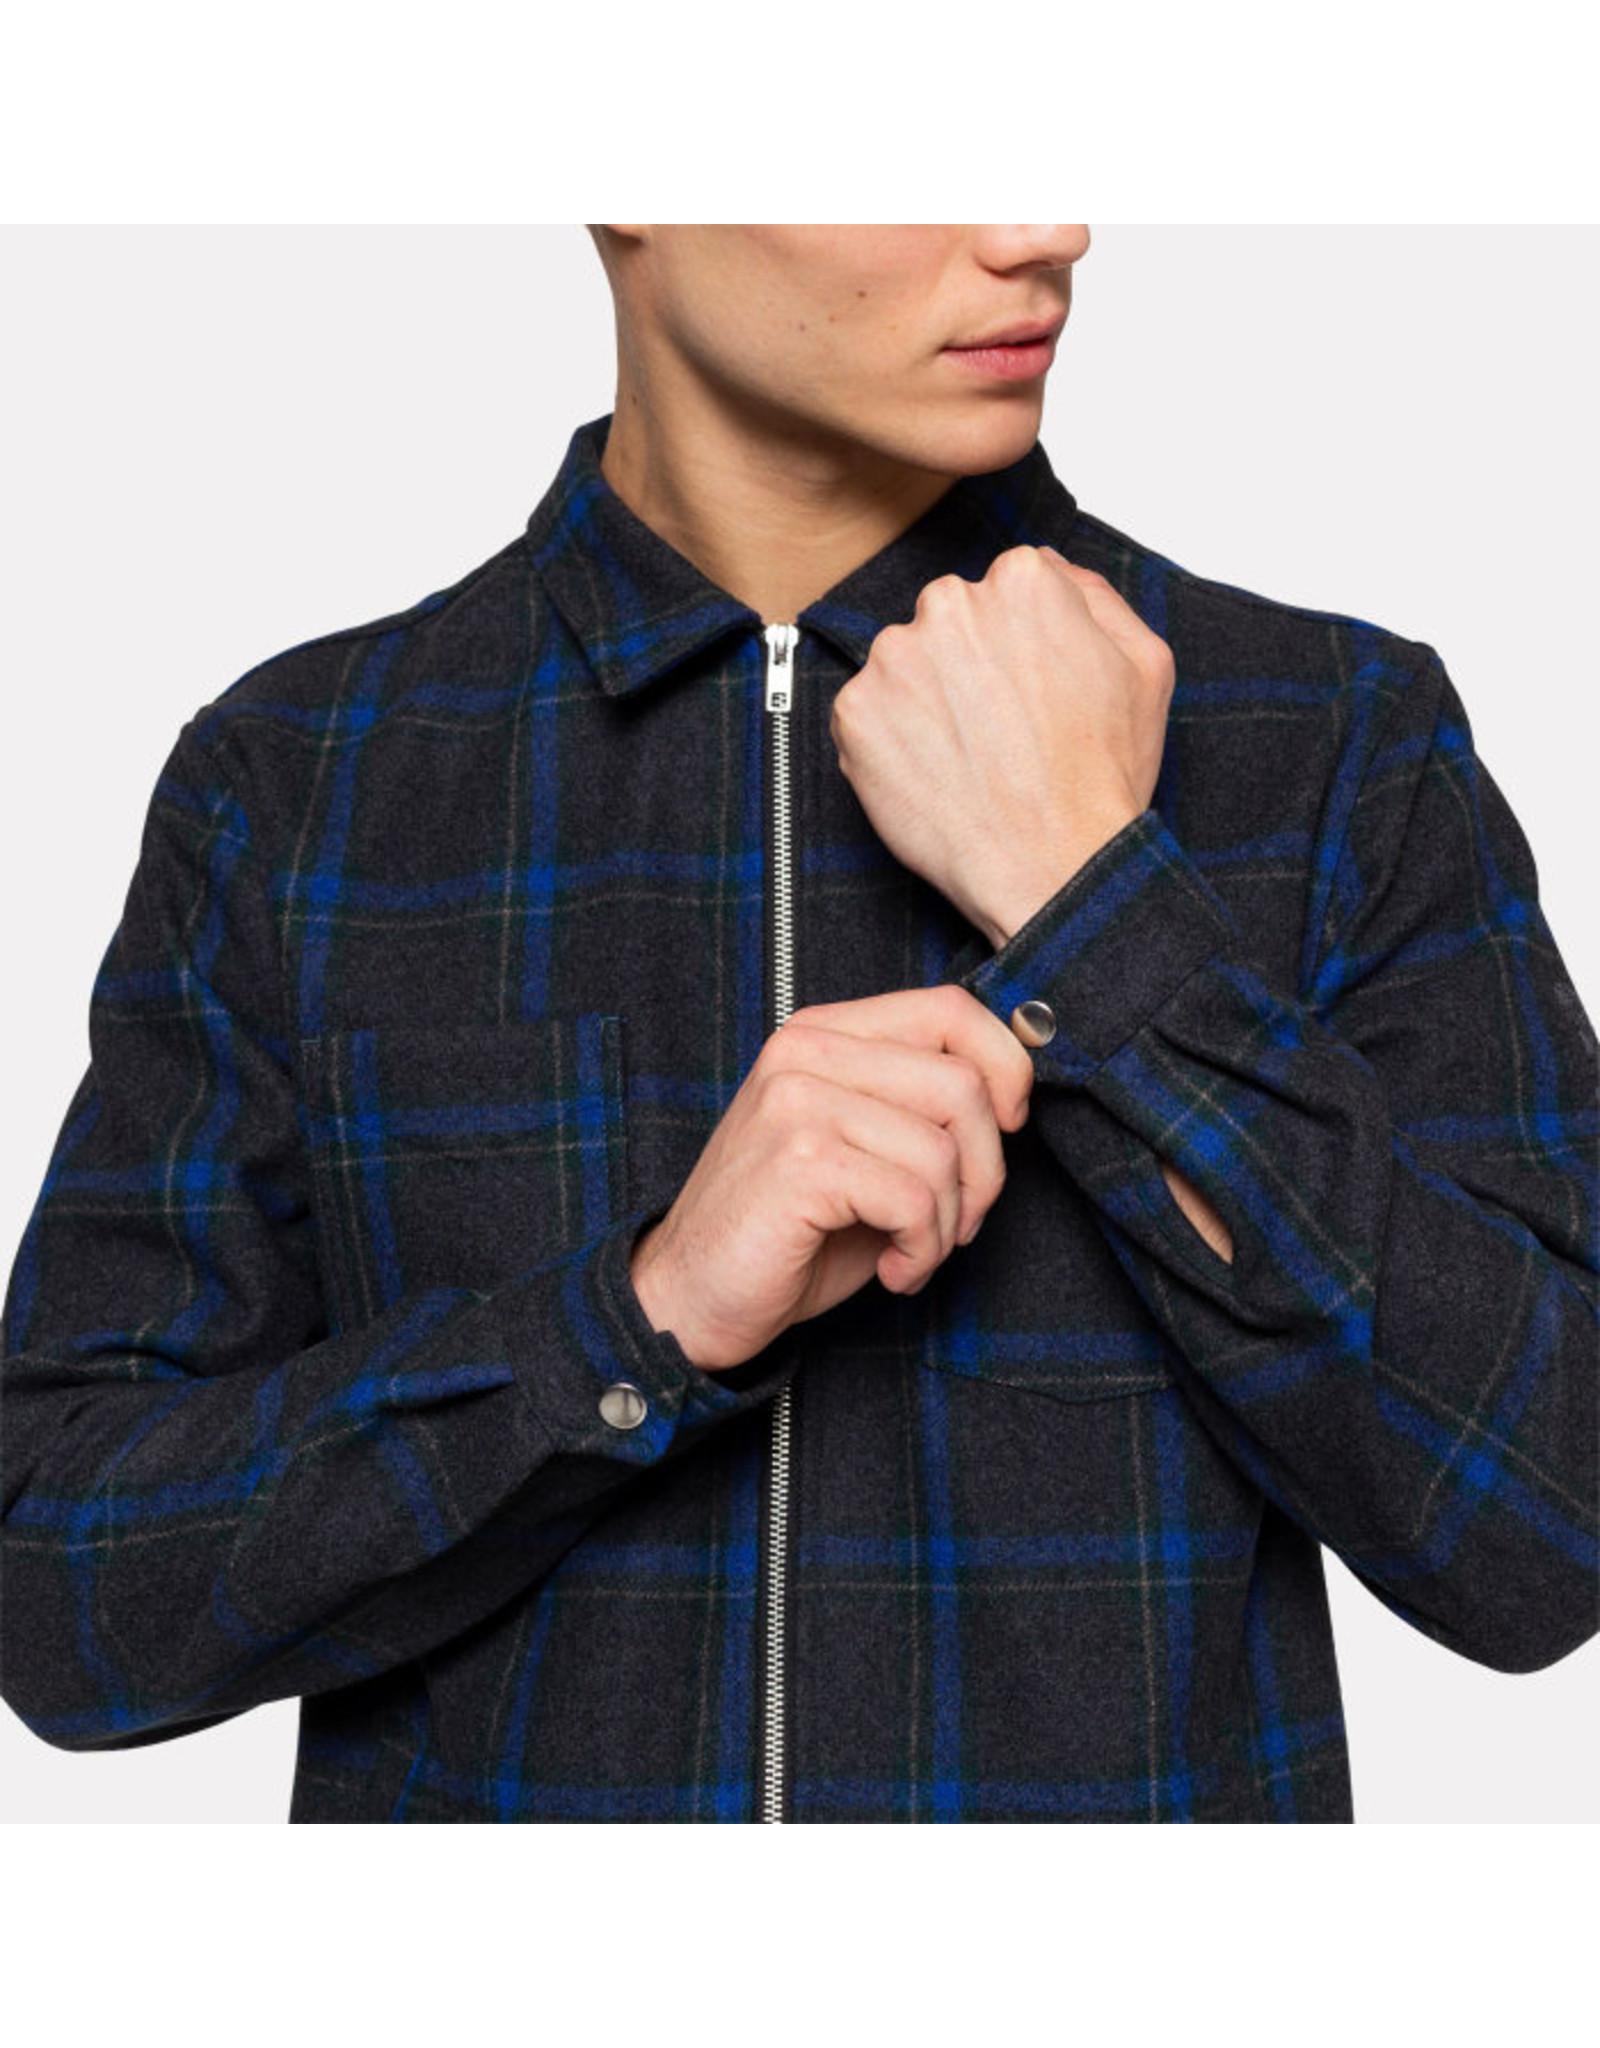 RVLT Revolution RVLT 3792 Flannel Shirt Jacket - Navy